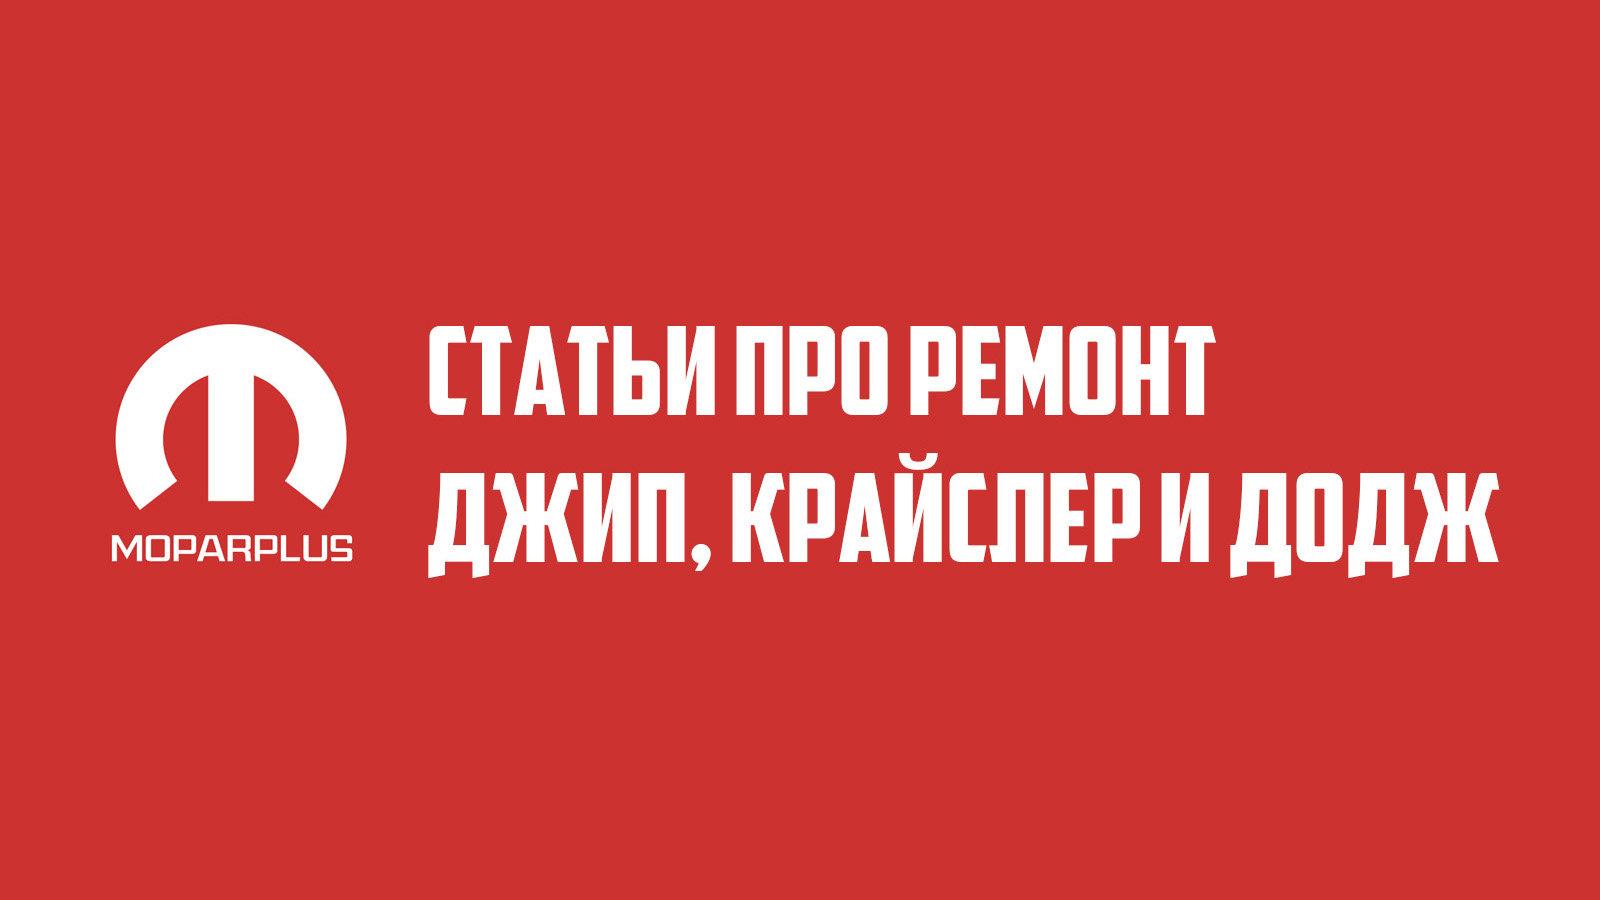 Статьи про ремонт. Выпуск №25.